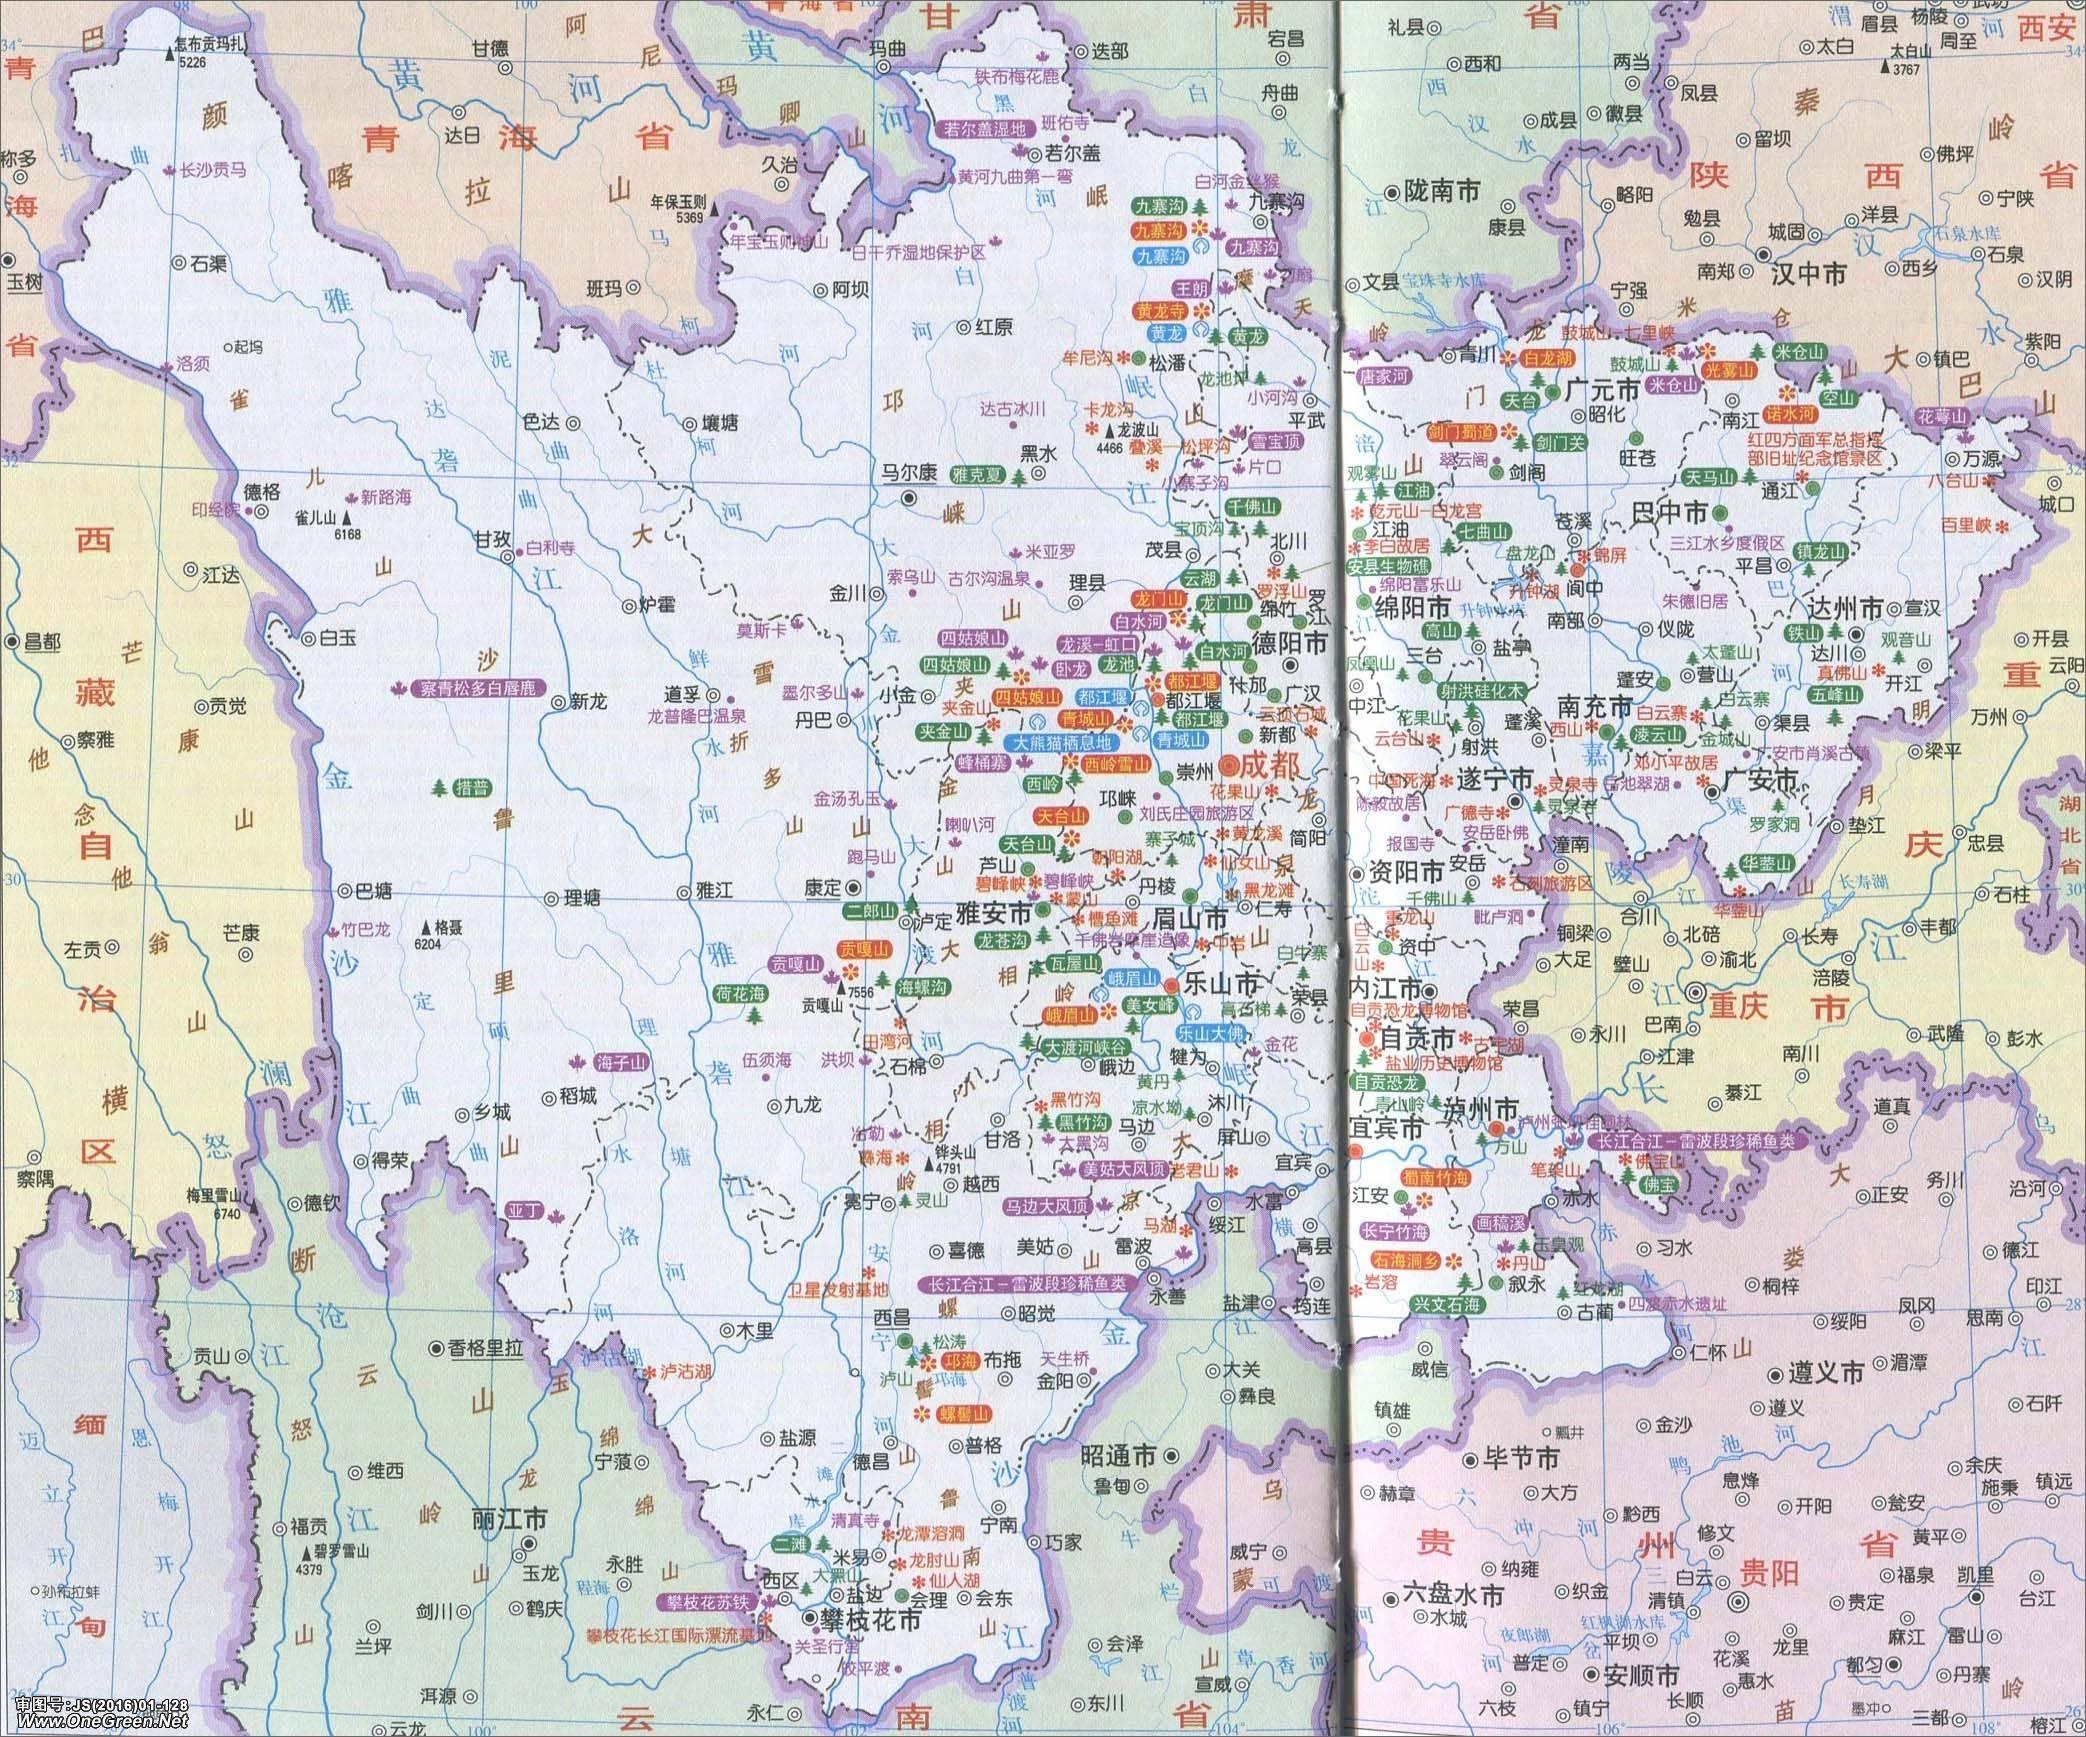 成都地图全图高清版_四川地图全图高清版_地图窝